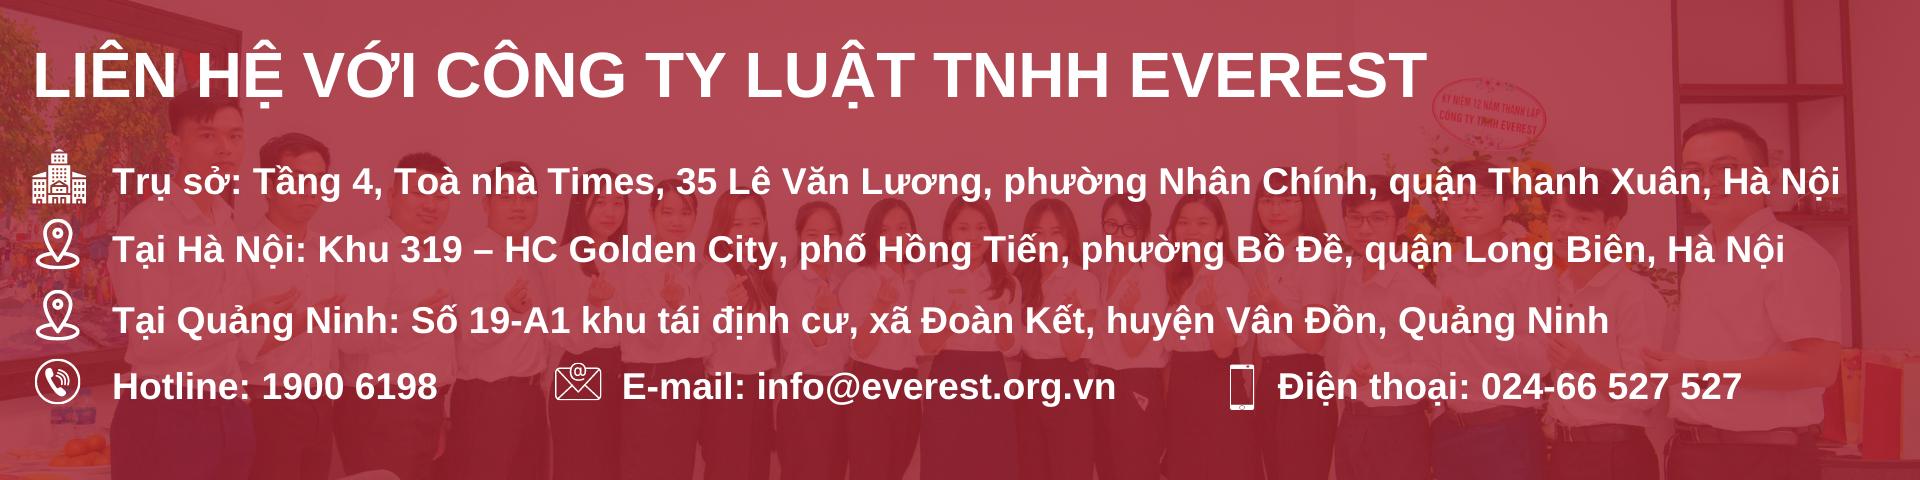 Công ty Luật TNHH Everest